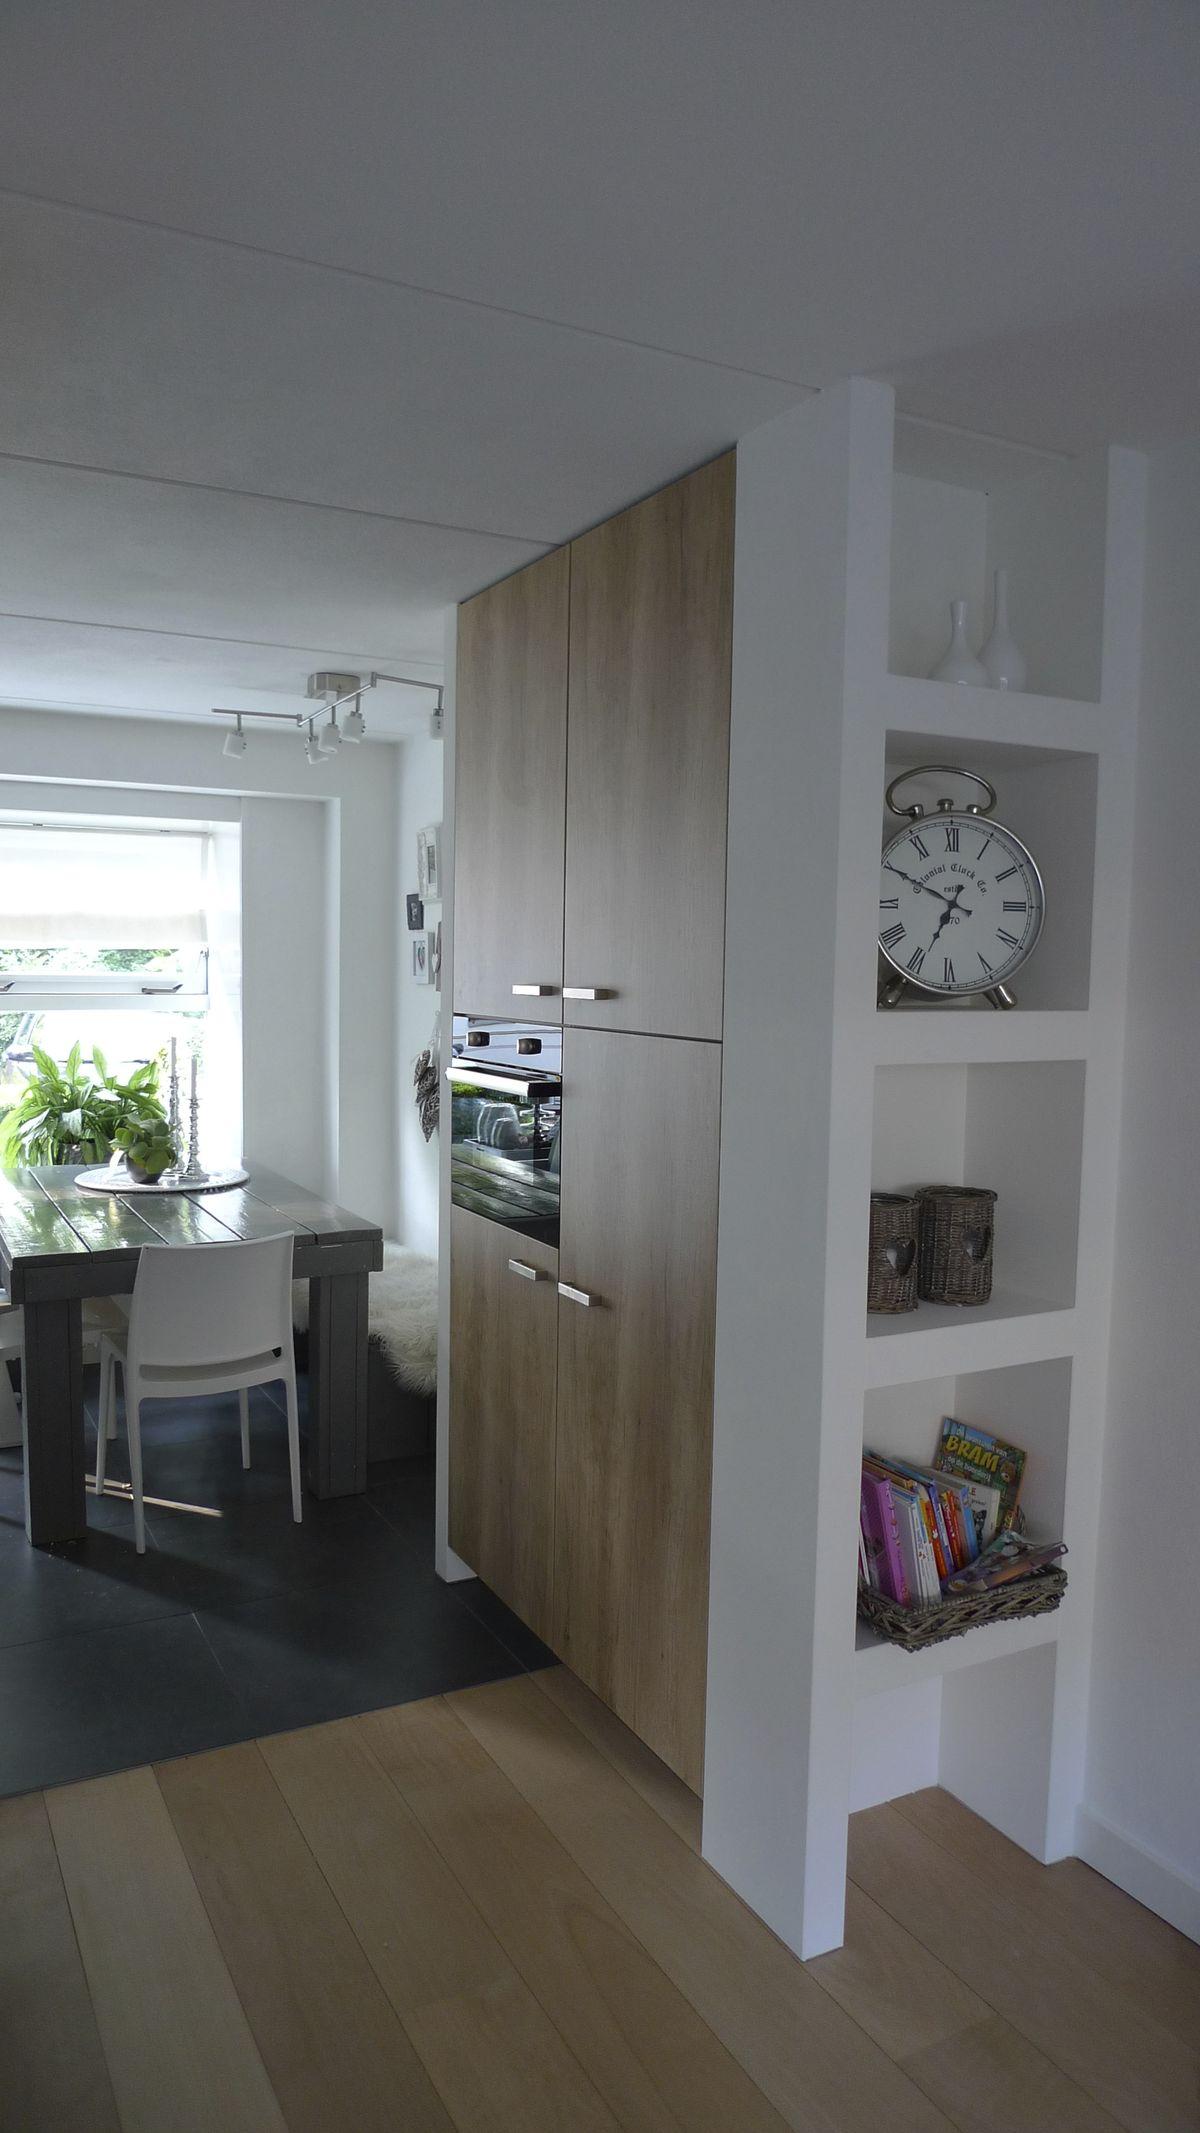 1000 bilder zu beton ytong steine auf pinterest - Keuken open voor woonkamer ...